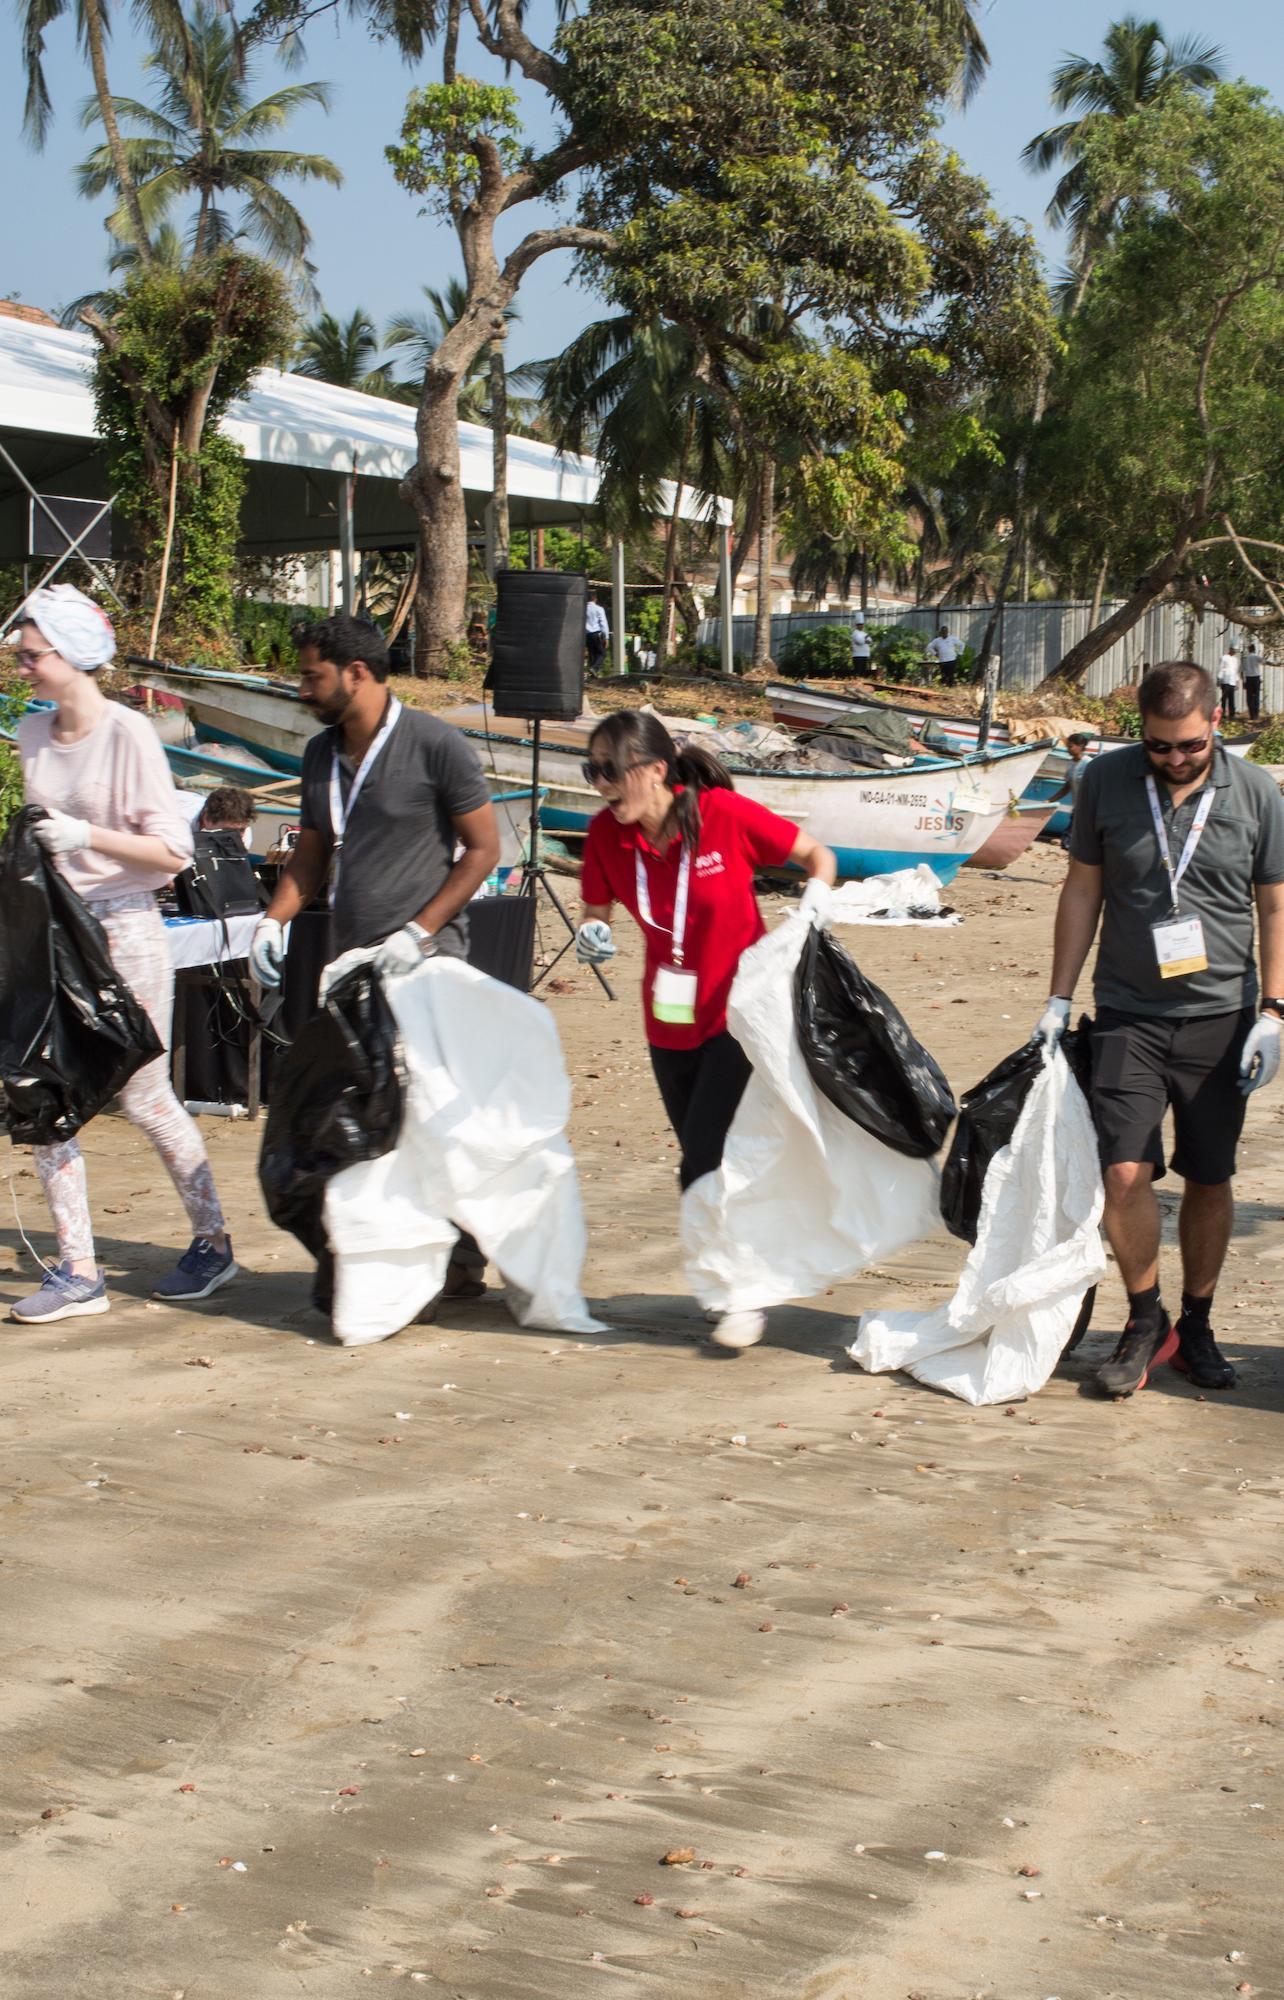 Российский экологический квест «Чистые игры» впервые провели в Индии